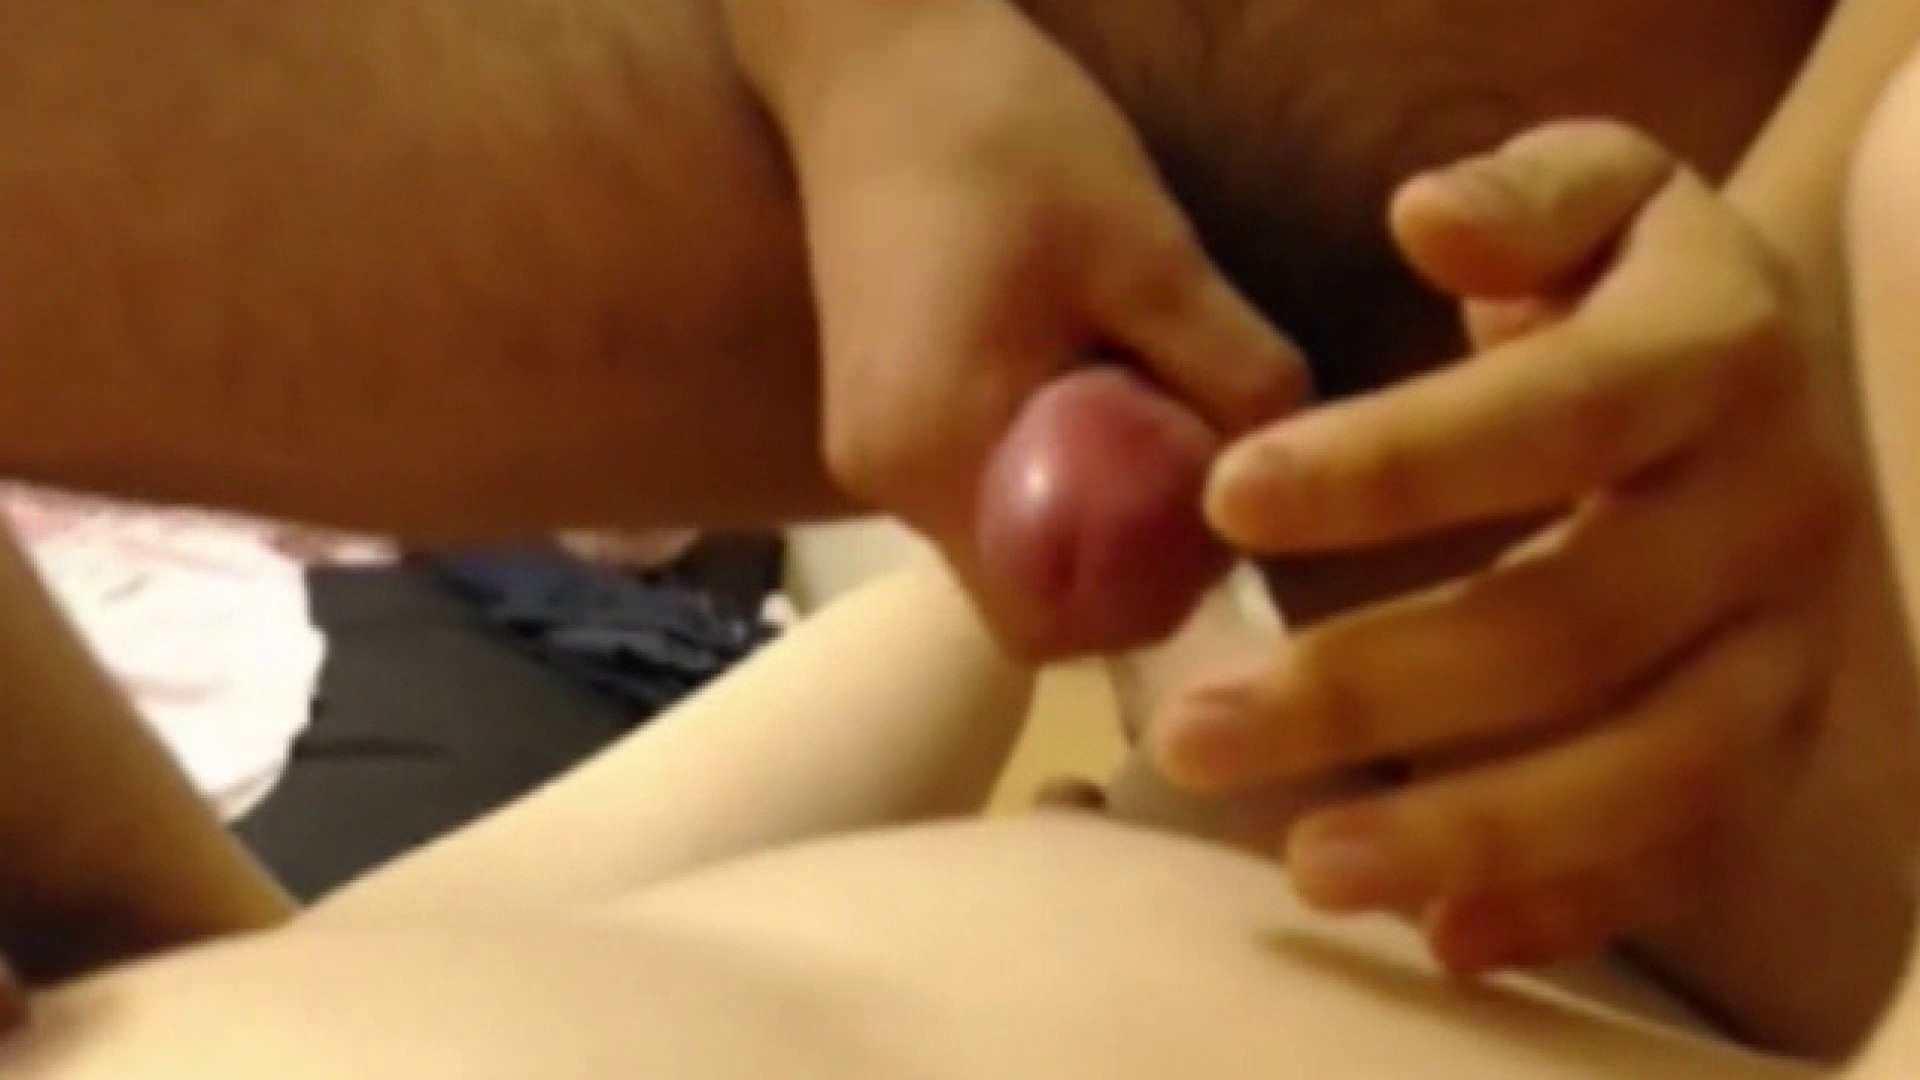 おしえてギャル子のH塾 Vol.02 後編 喘ぎ SEX無修正画像 110pic 110